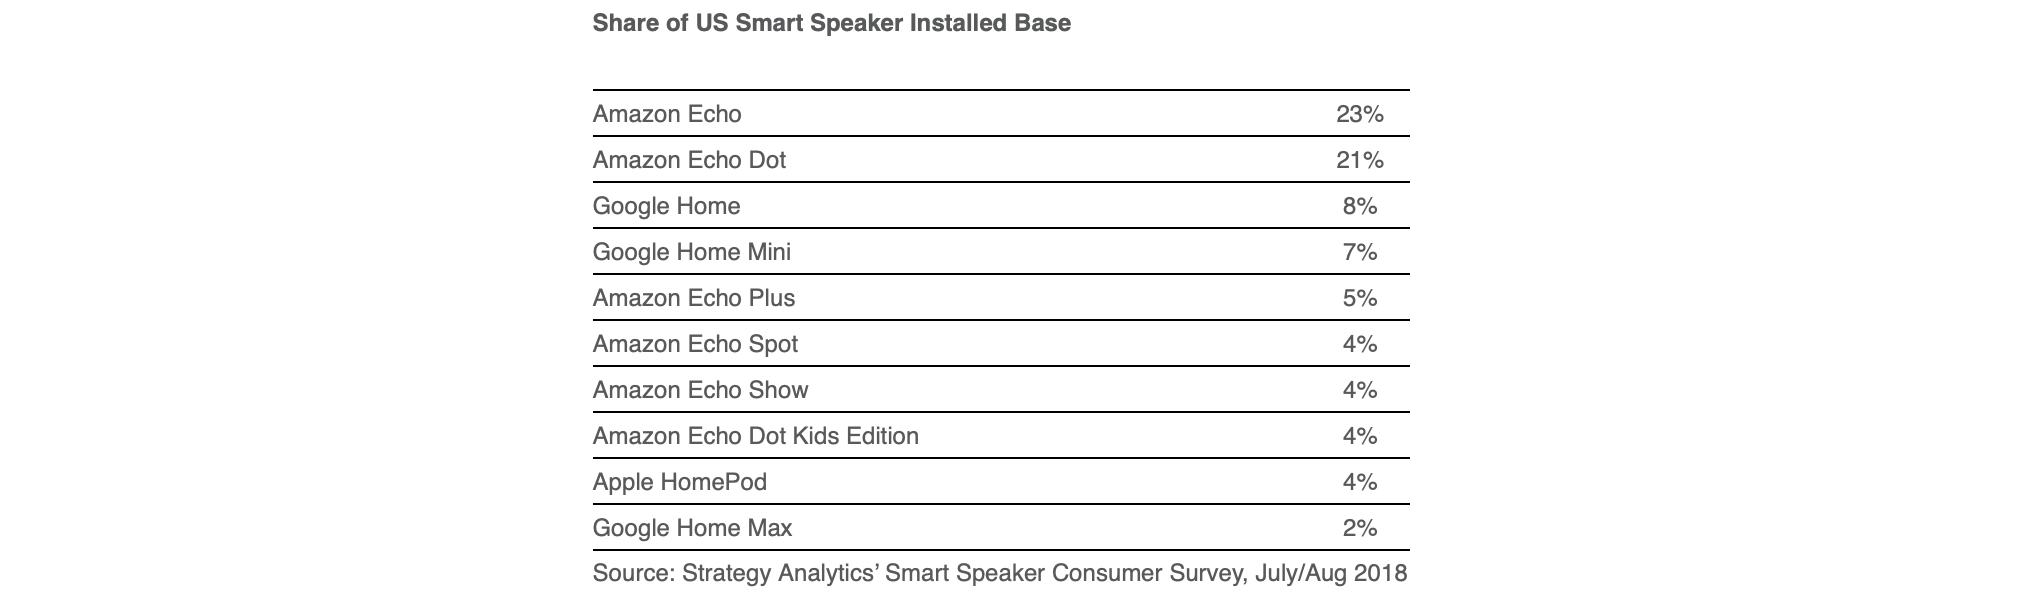 Vendas de alto-falantes inteligentes nos EUA